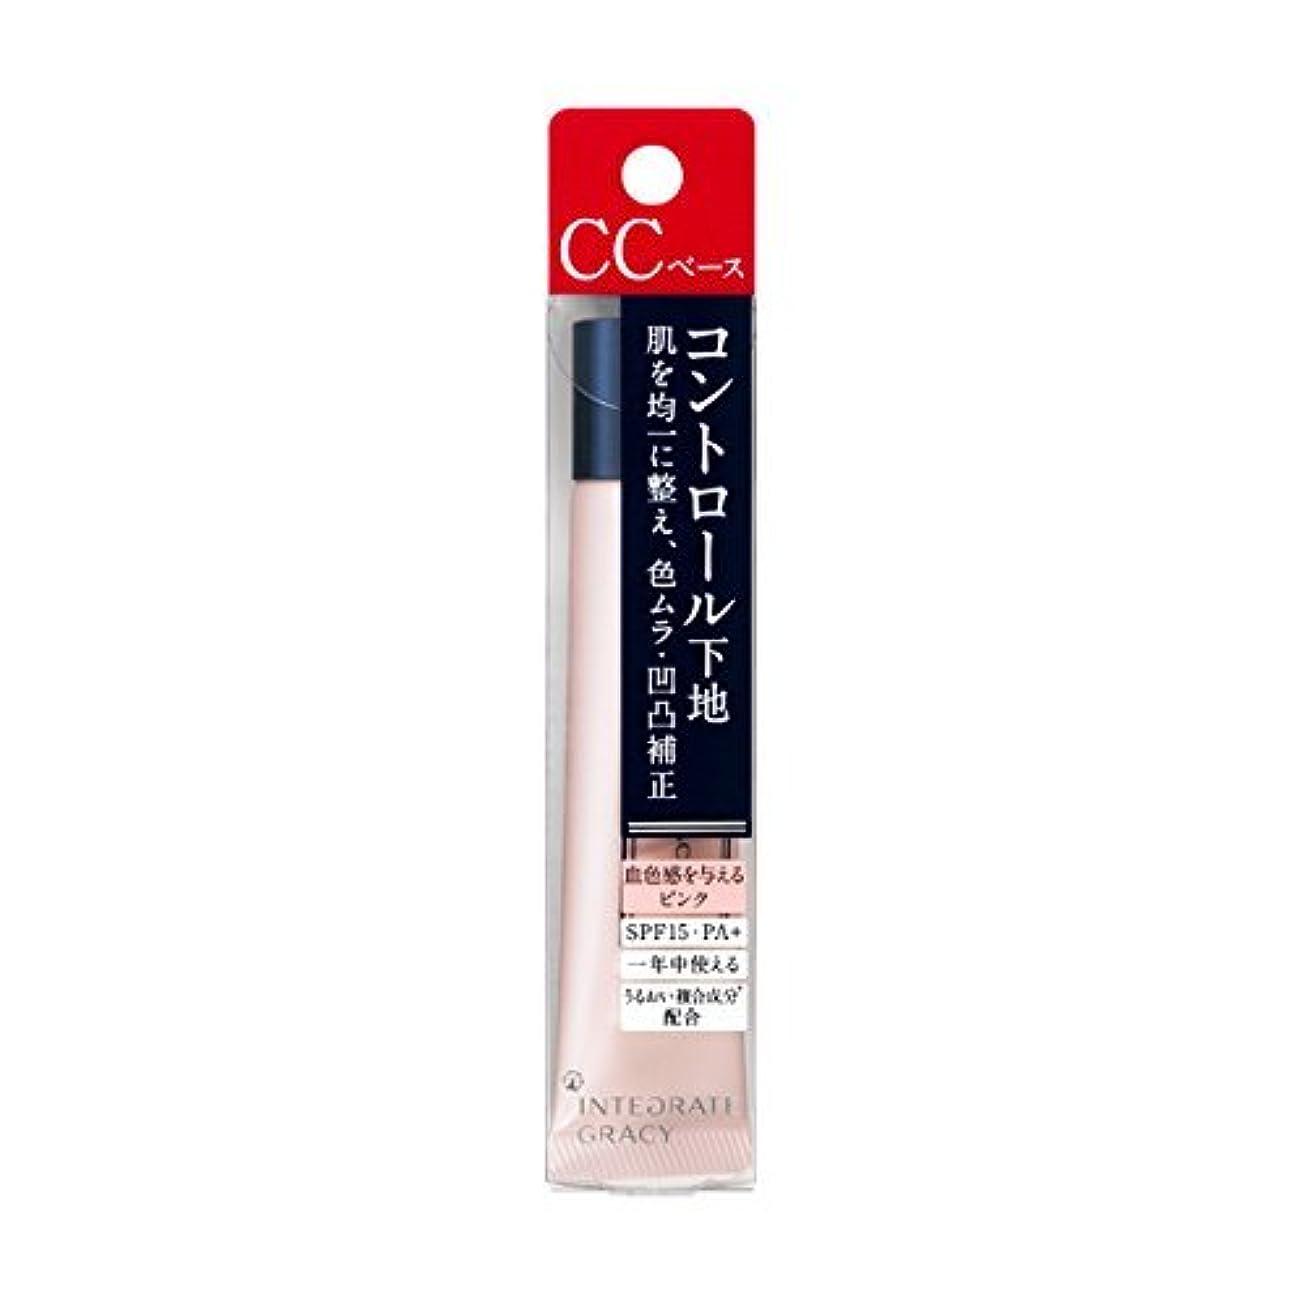 インテグレート グレイシィ コントロールベース (ピンク) 25g ×6個